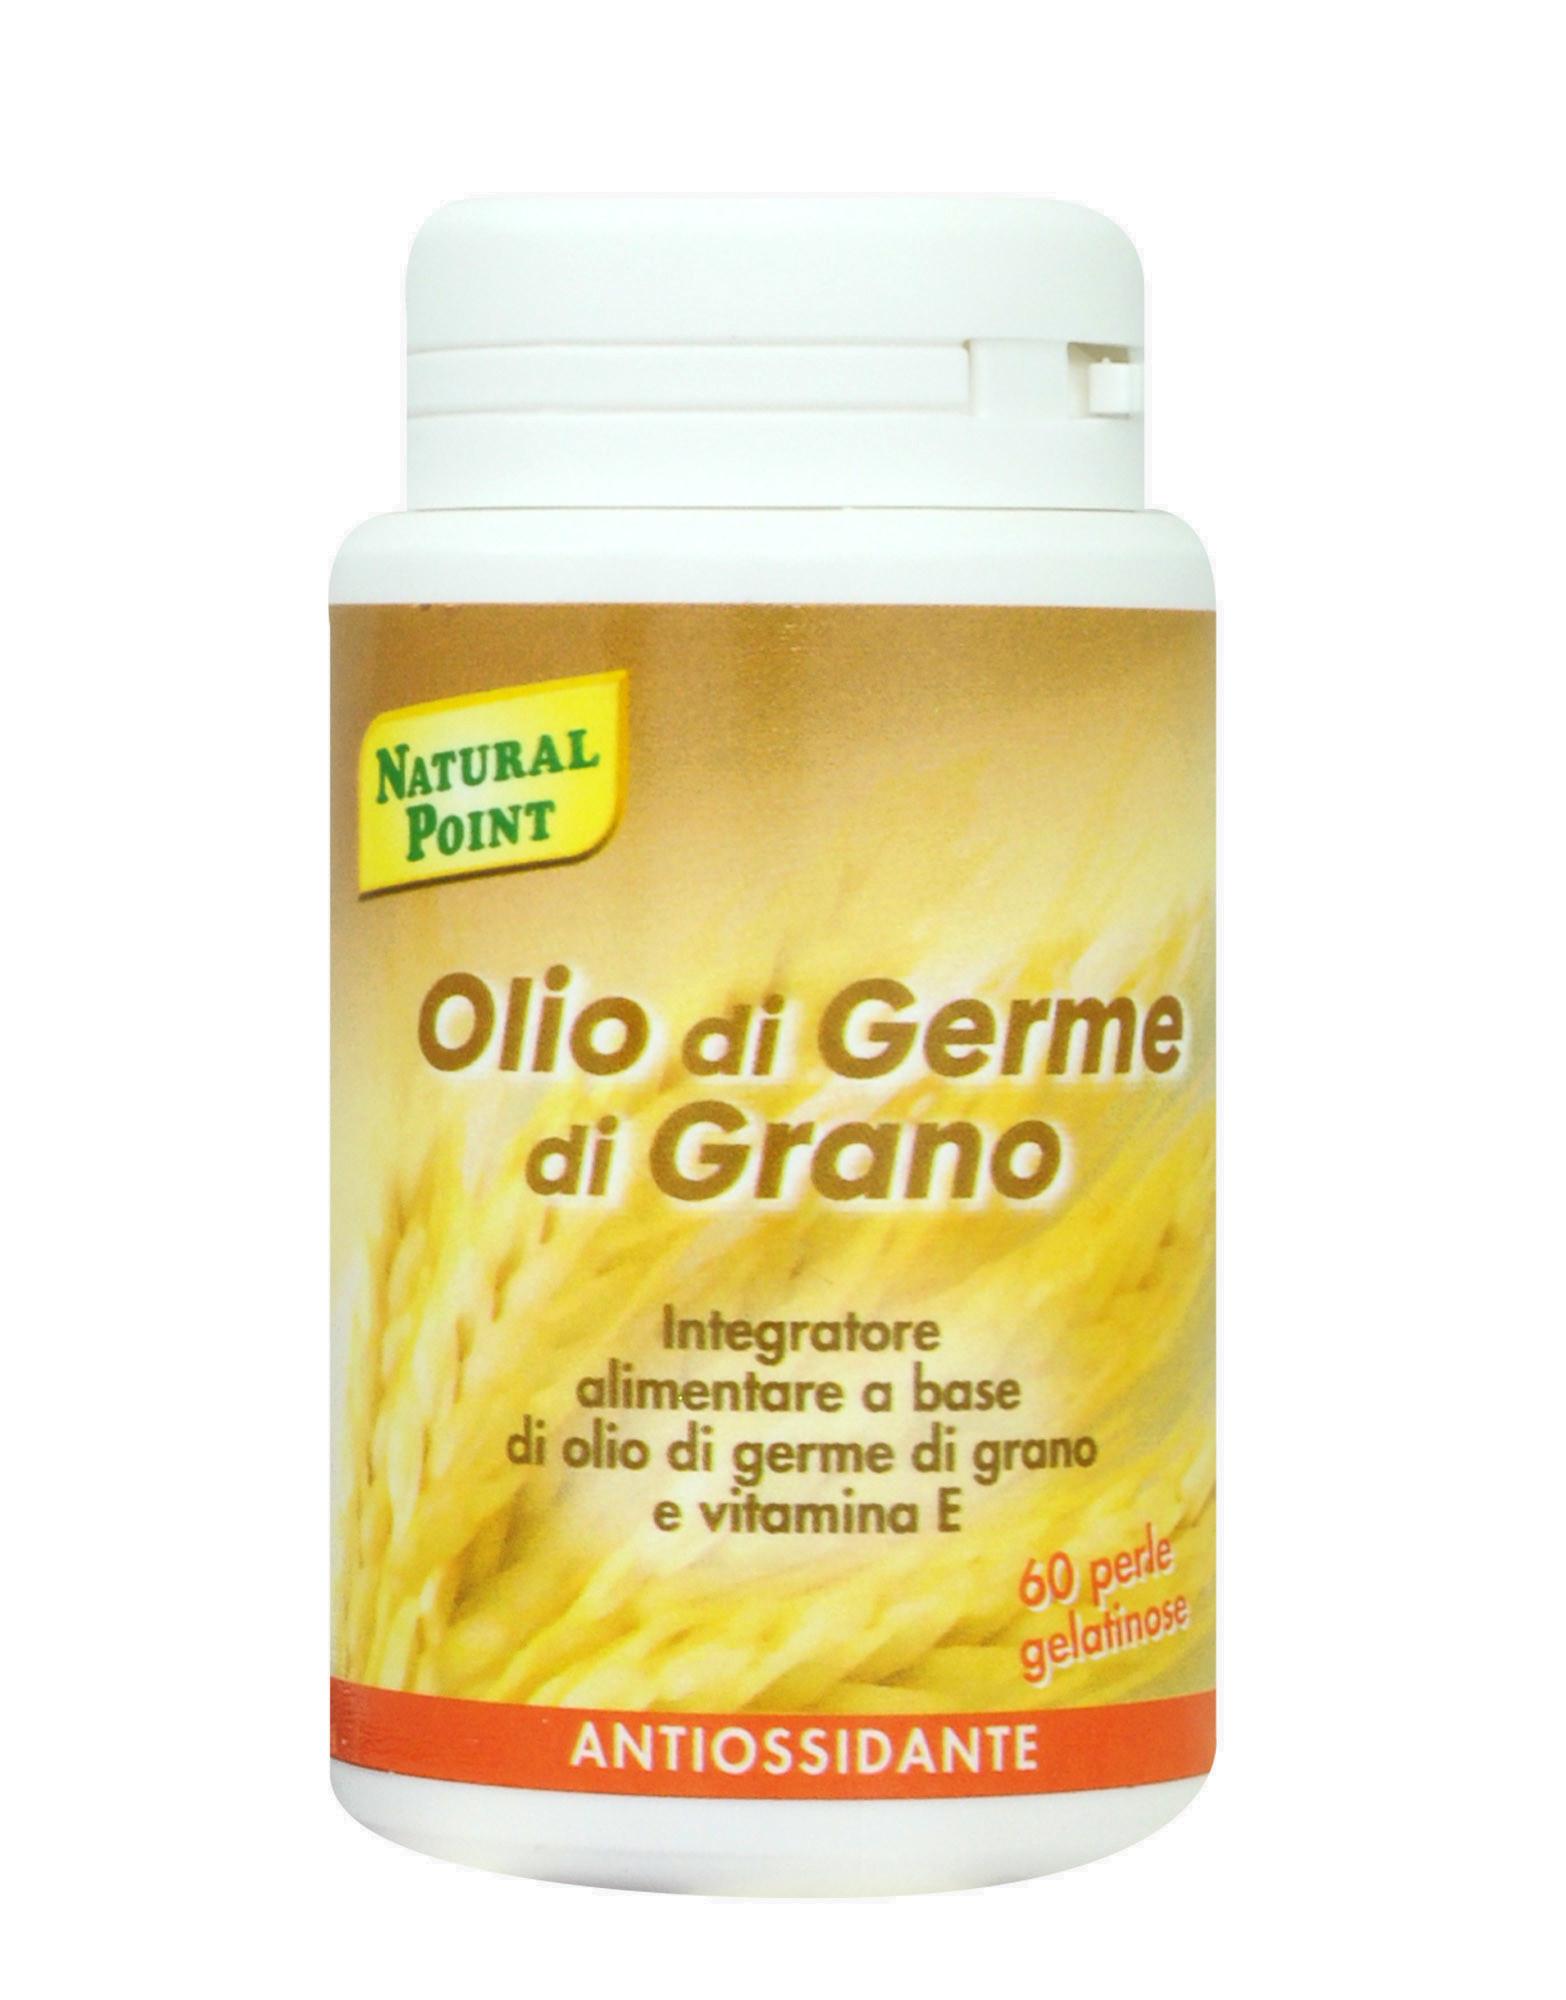 6 modi per usare il germe di grano dalla dieta alla bellezza